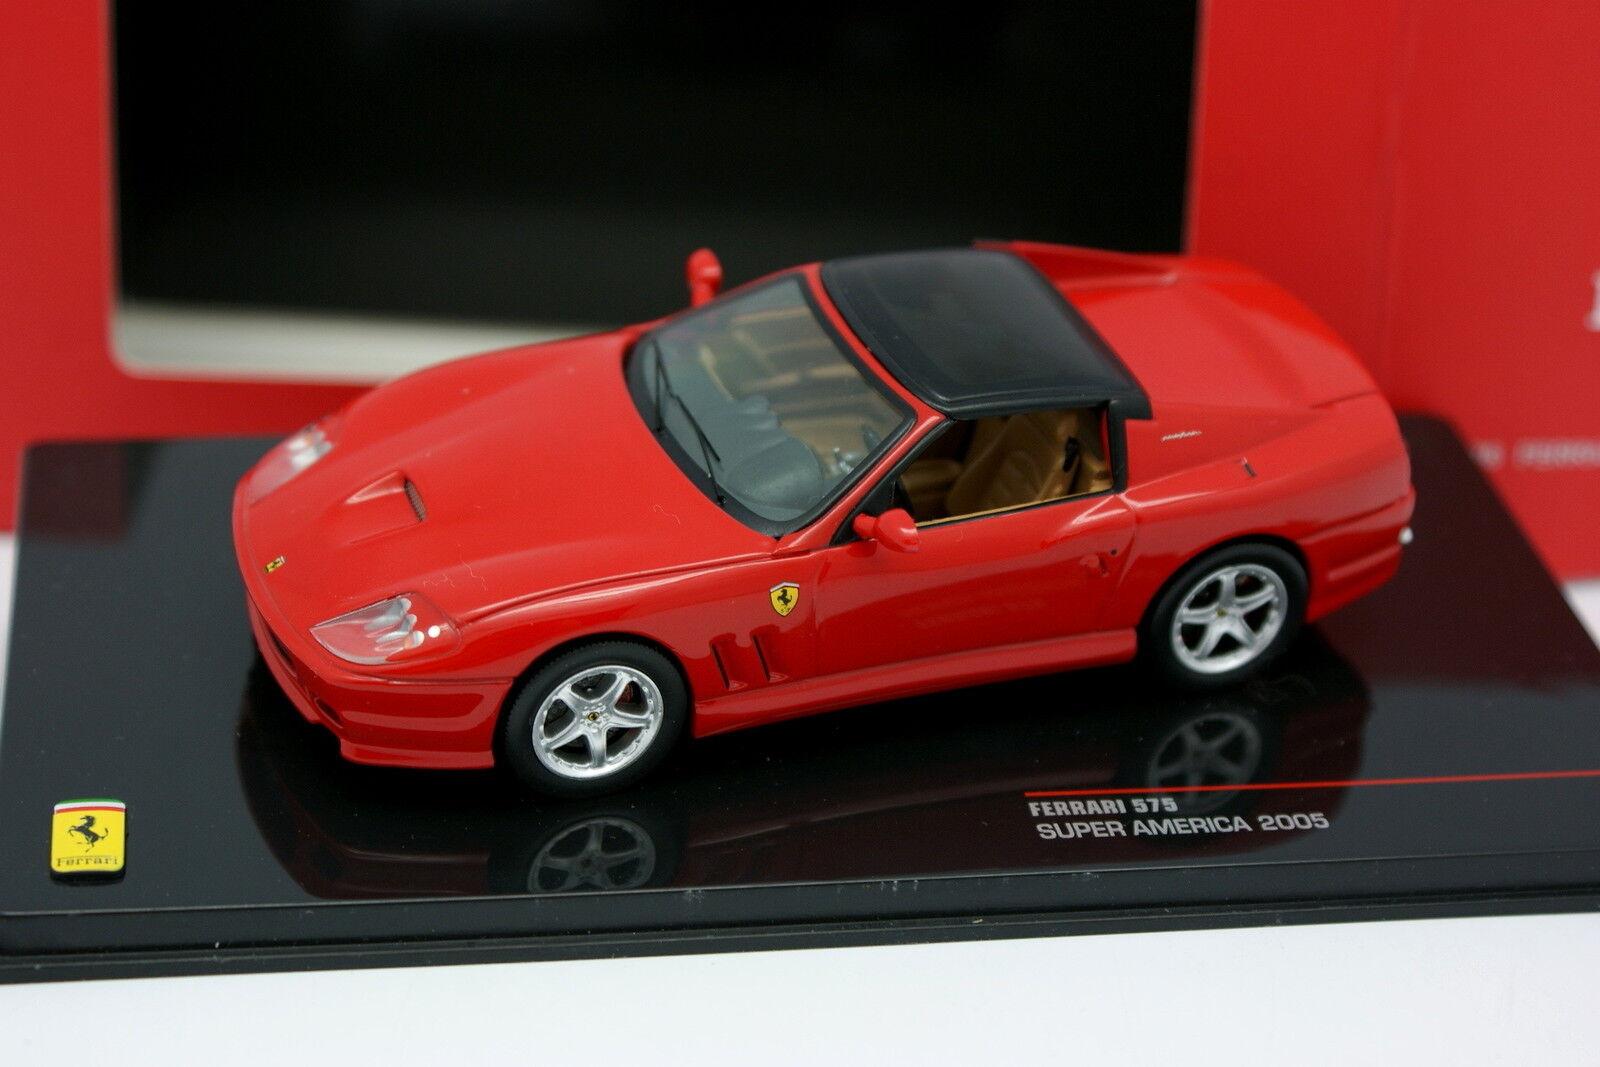 Ixo Ixo Ixo 1 43 - Ferrari 575 Super Amerika 2005 b3b436